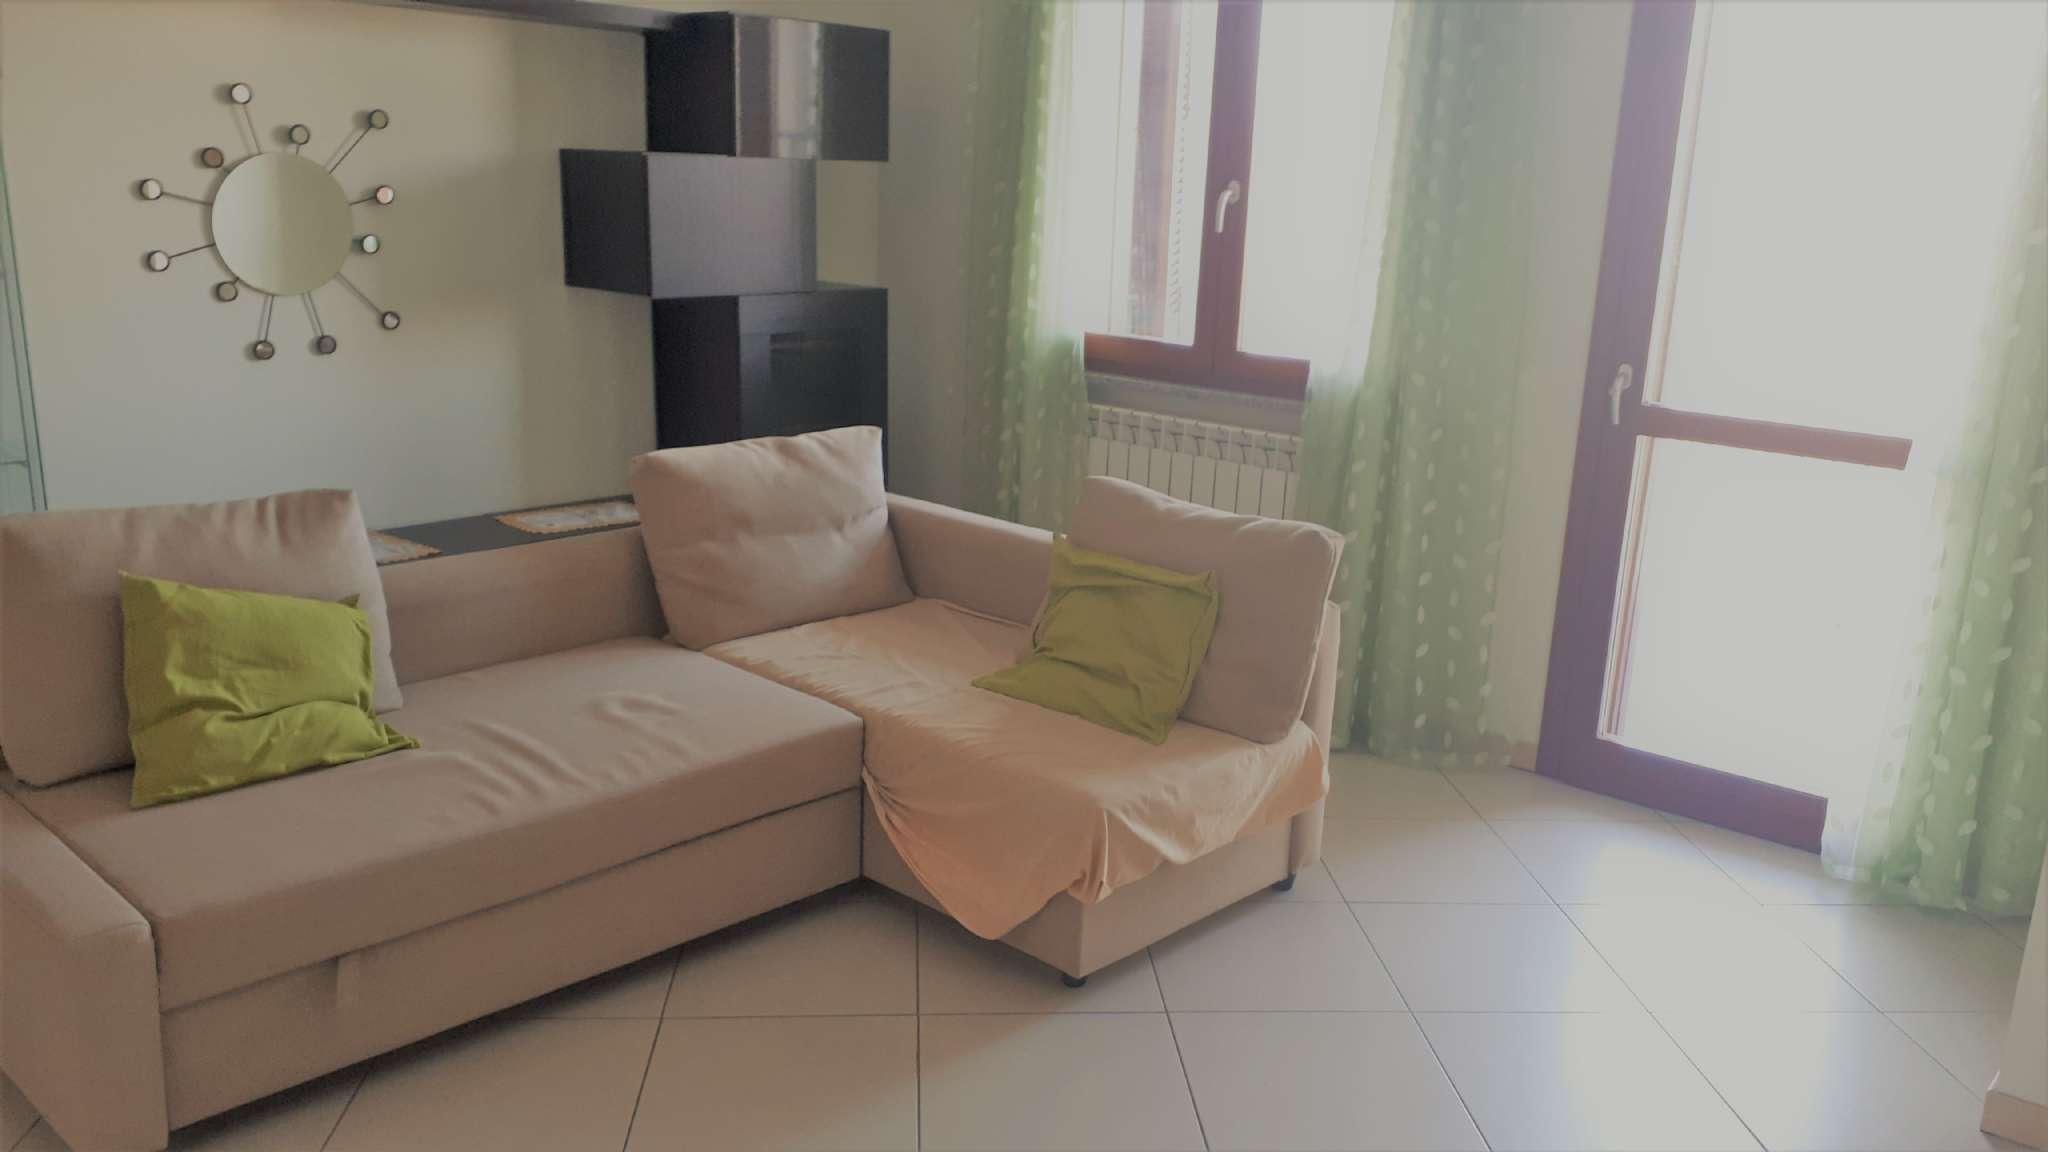 Appartamento in vendita a Roncaro, 3 locali, prezzo € 99.000 | CambioCasa.it